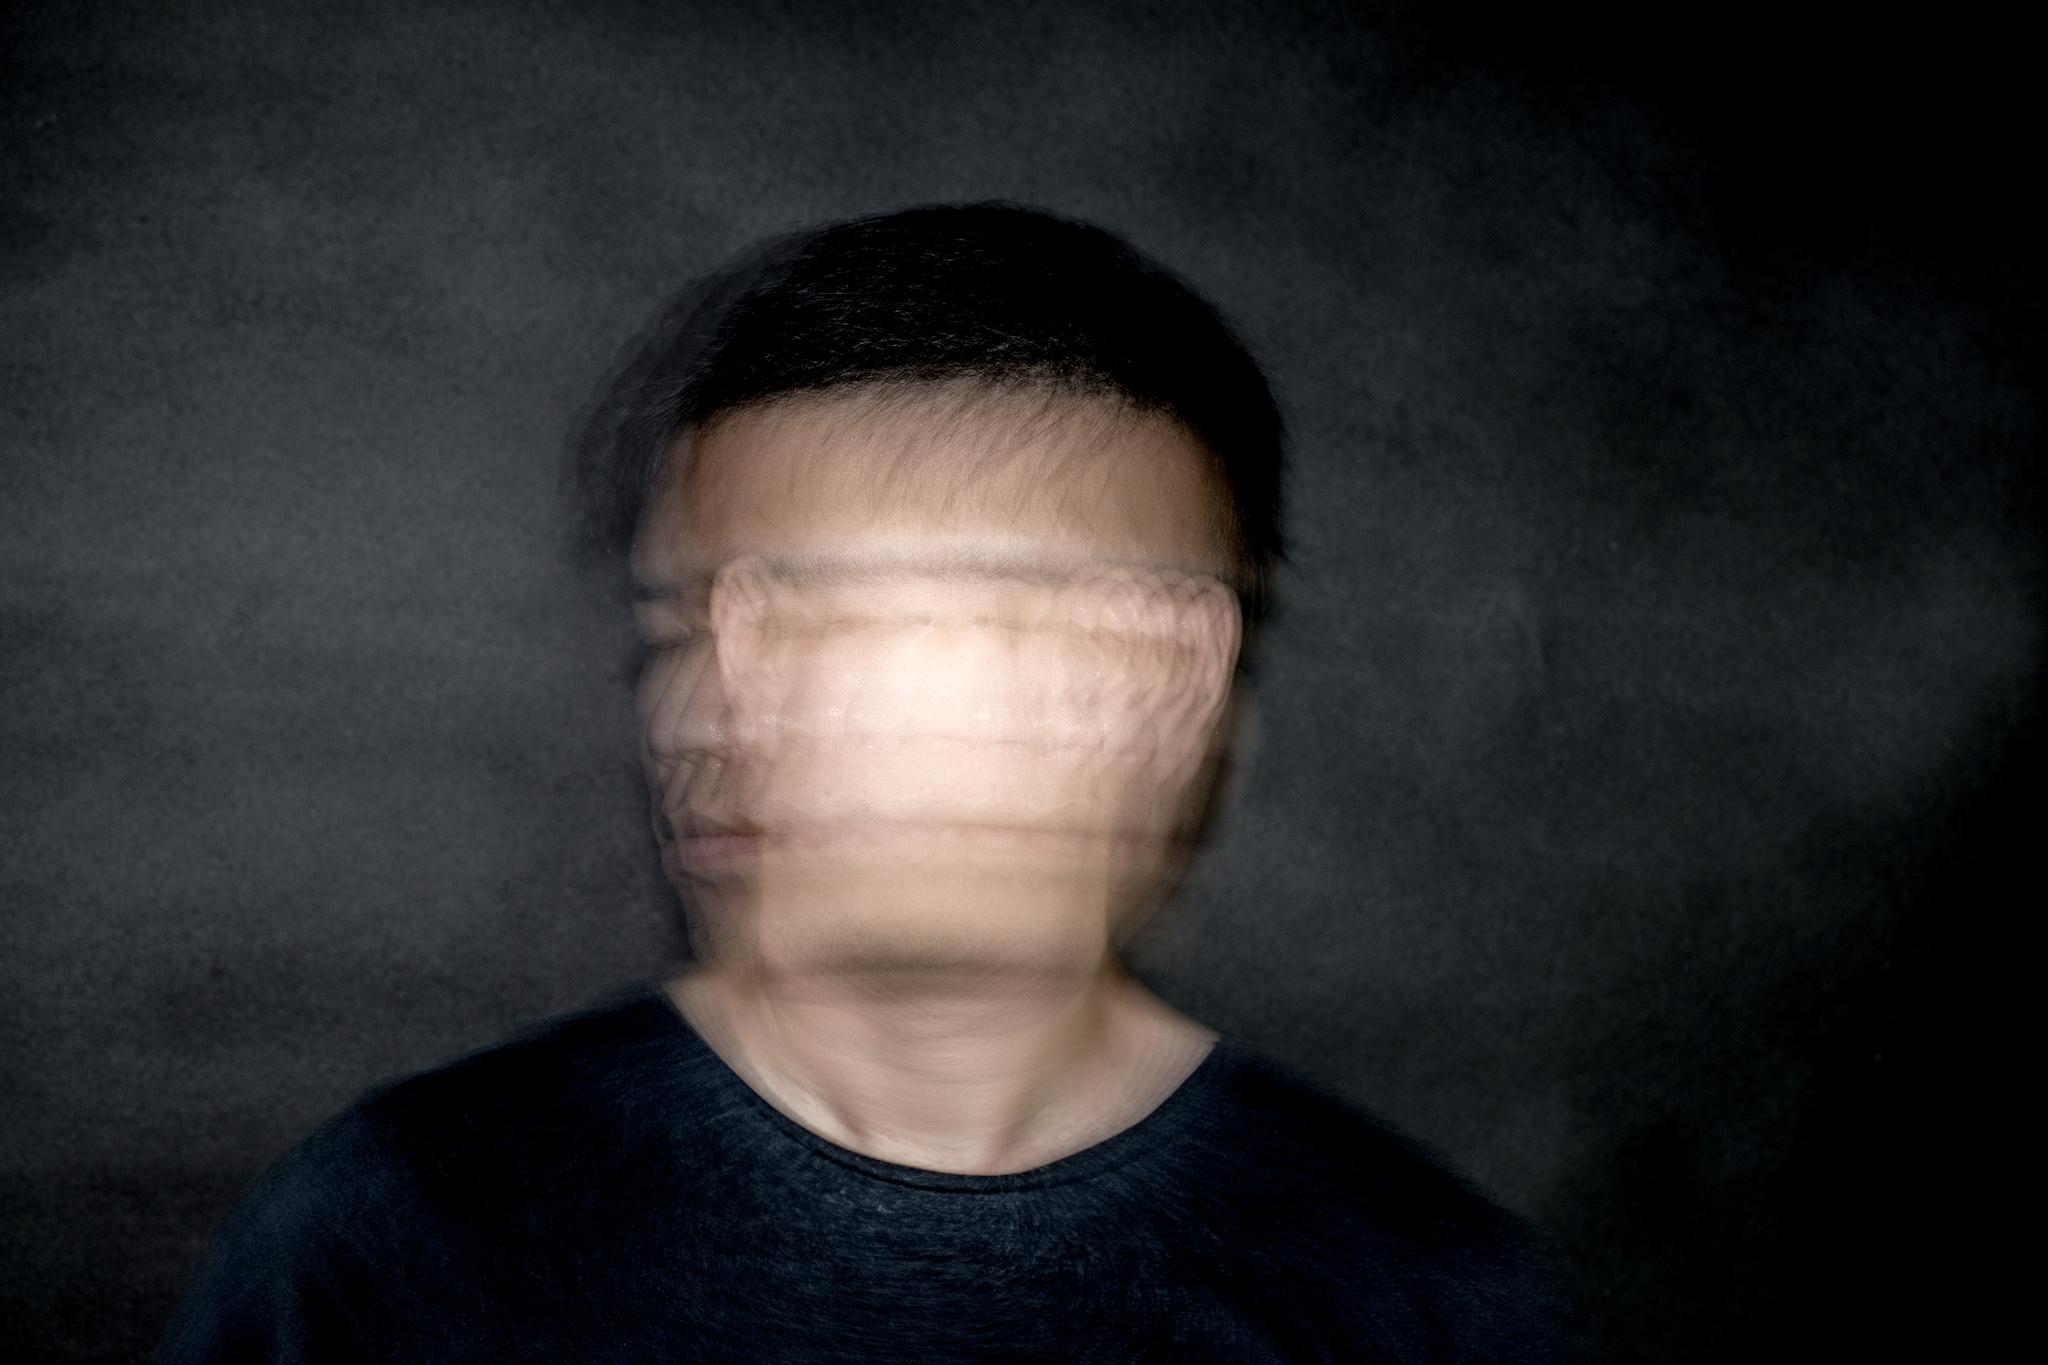 Flickr.com / See-ming Lee